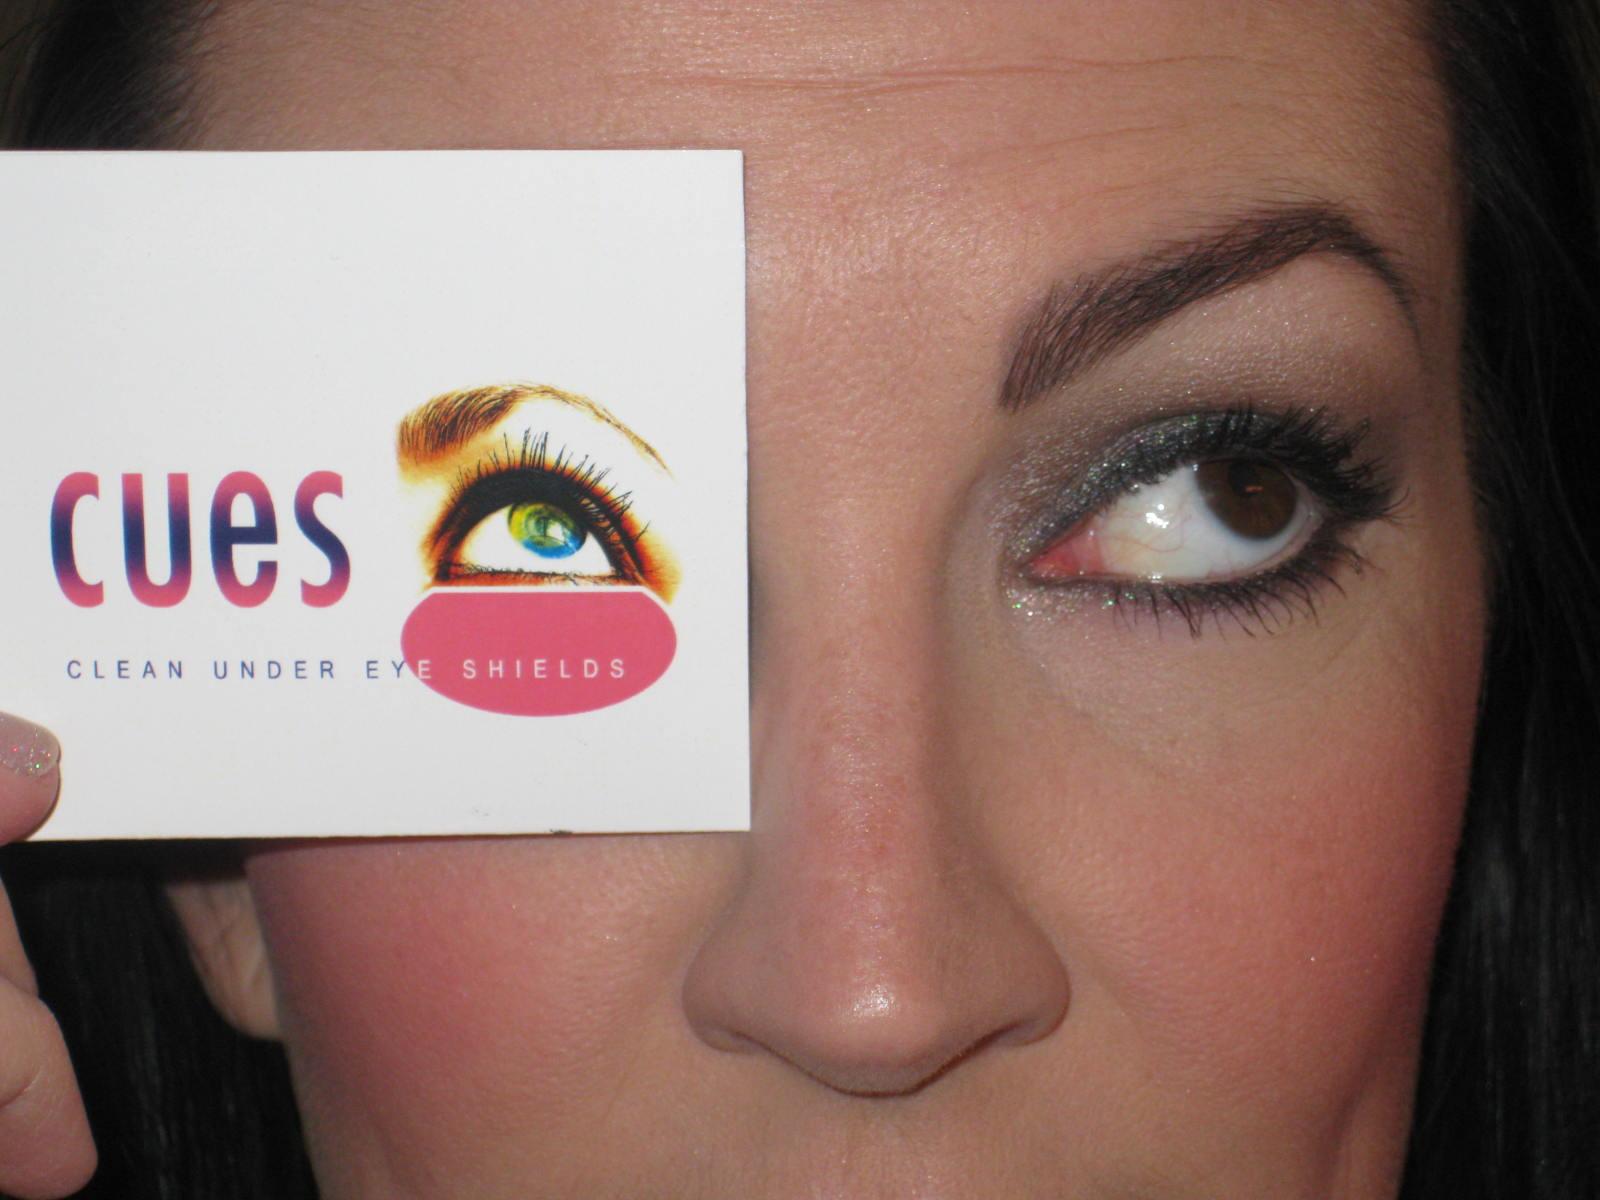 eyes makeup tips, eyes dark makeup smokey, eyes makeup brown, eyes makeup cat, eyes makeup, eyes makeup product-14